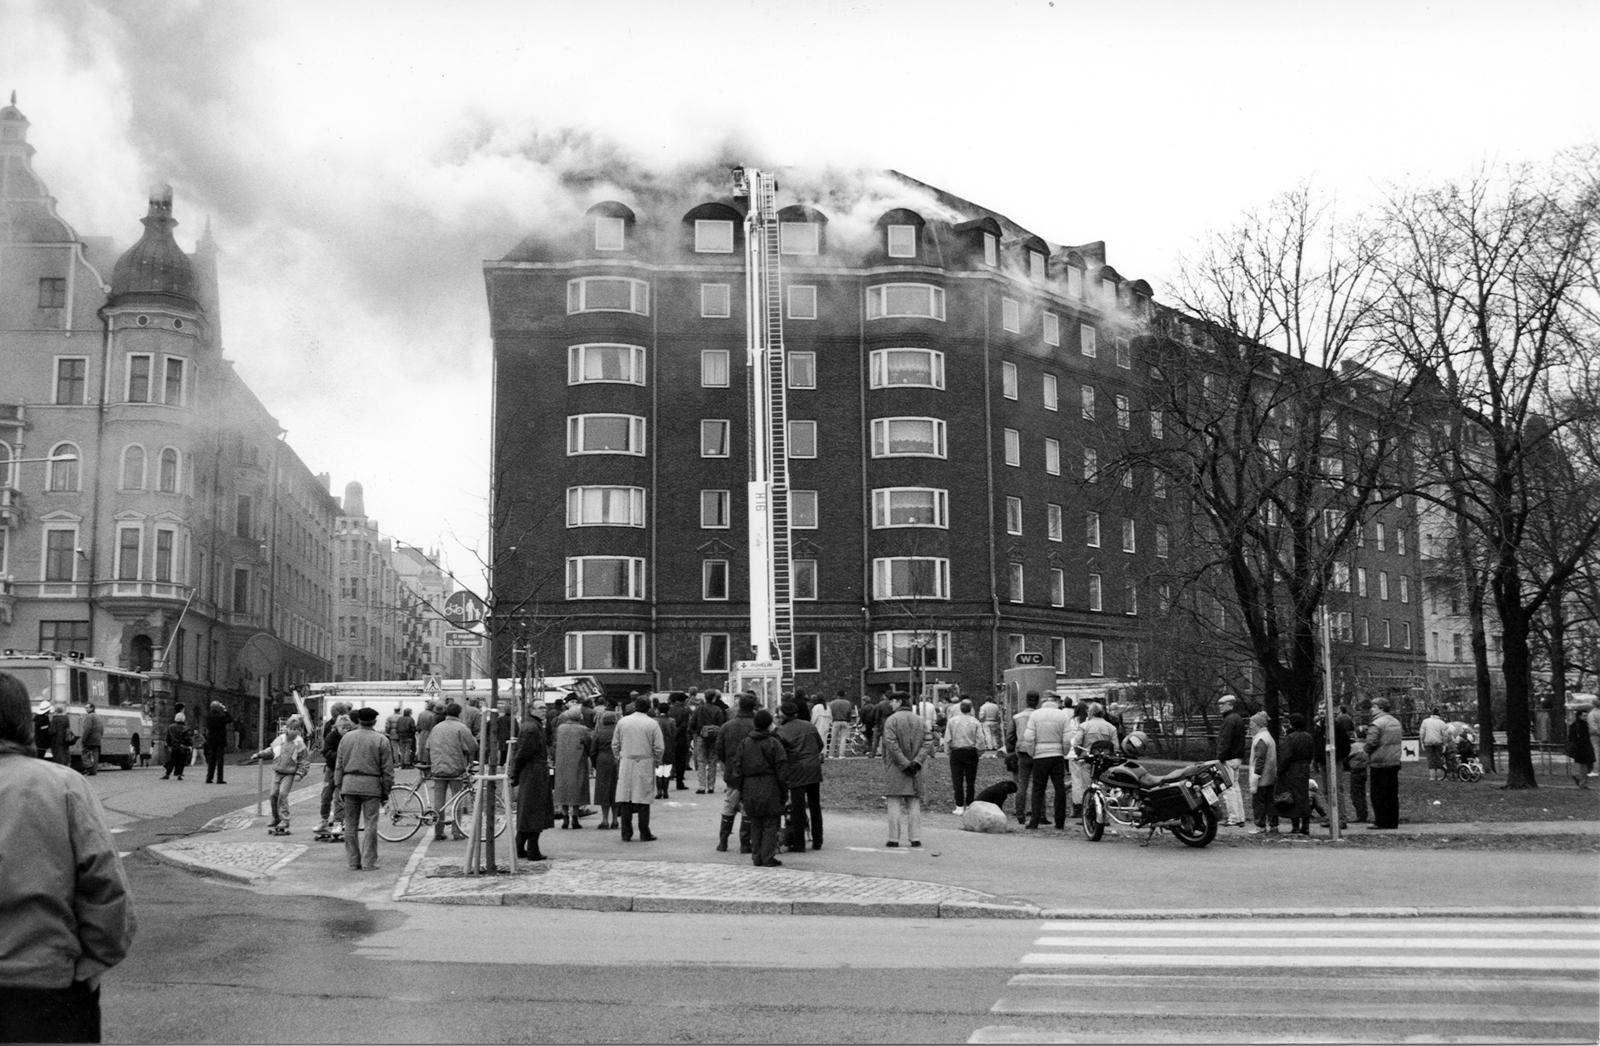 Helsinkiläisen arvokiinteistön vaikeassa ullakkopalossa korostui jälkivahinkojen torjunnan merkitys.